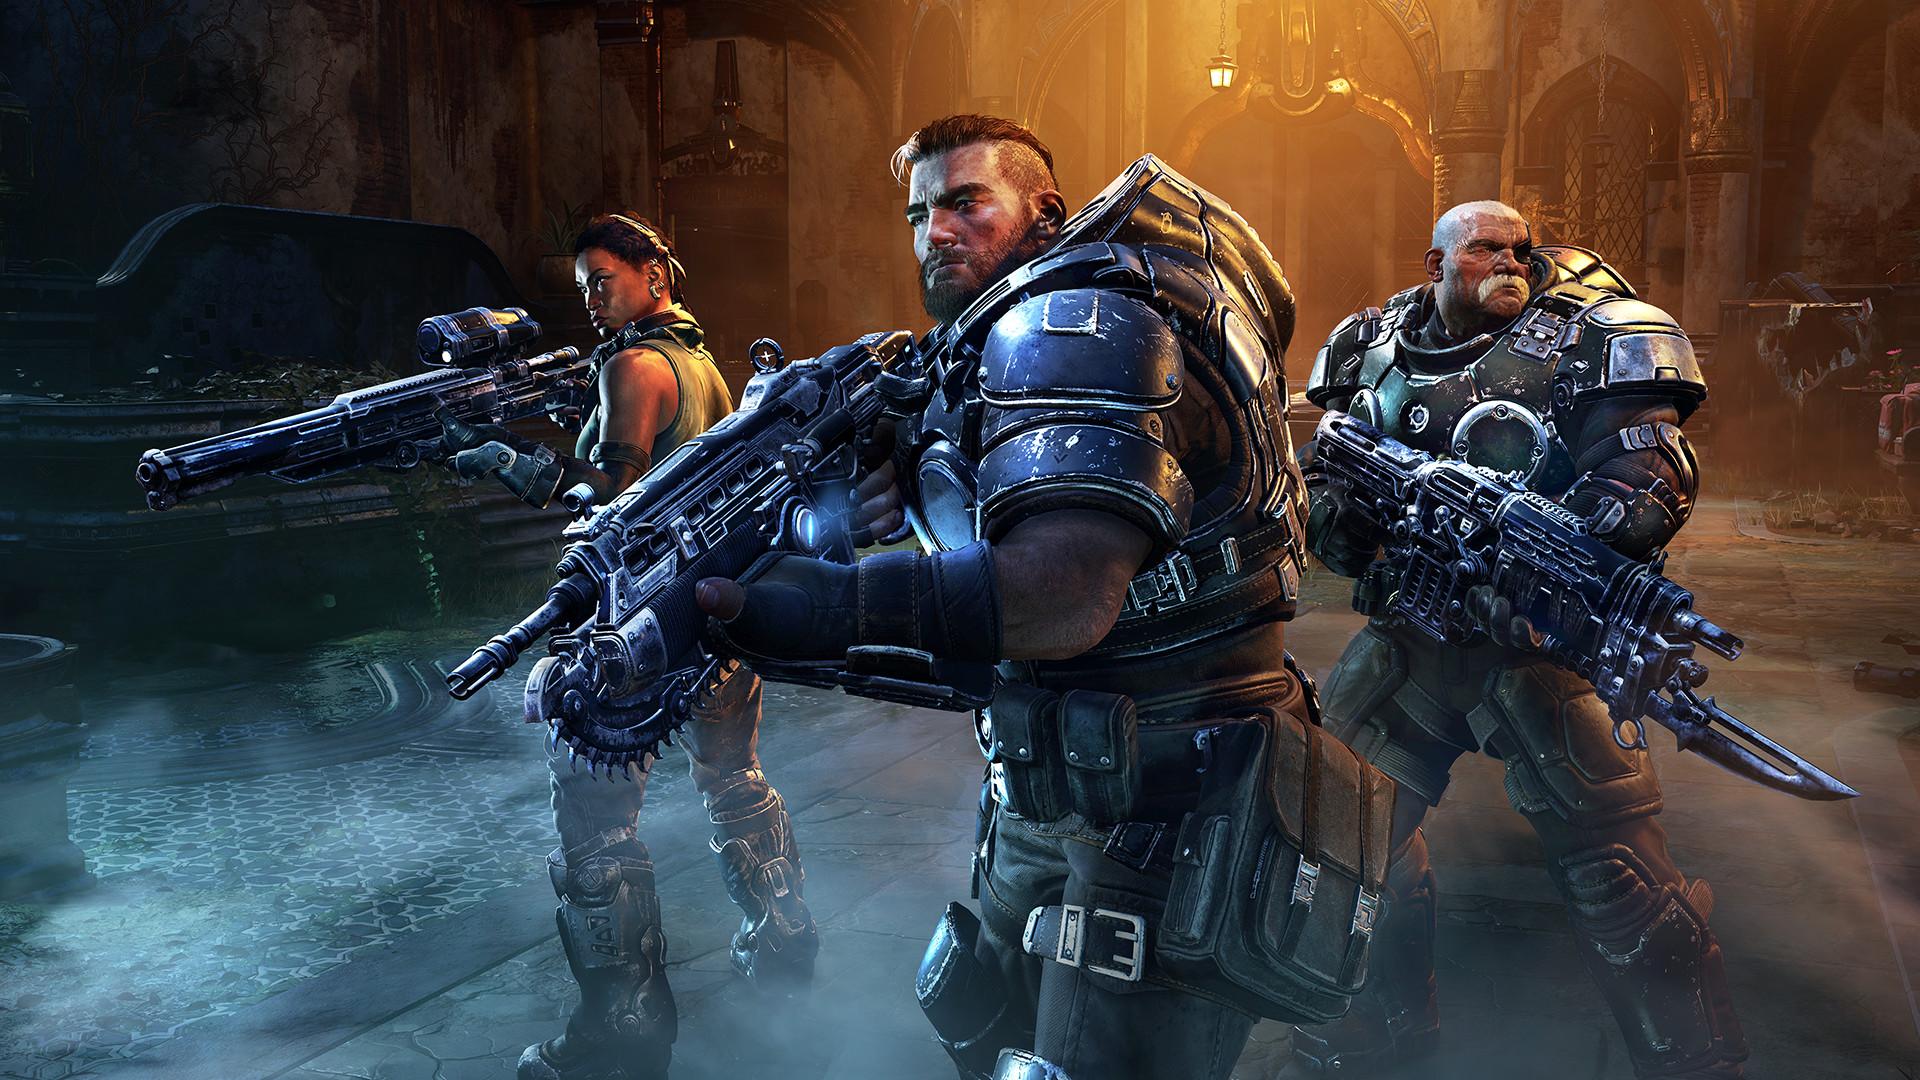 (한글)기어 택틱스 Gears Tactics 턴제 전략 액션 시뮬레이션